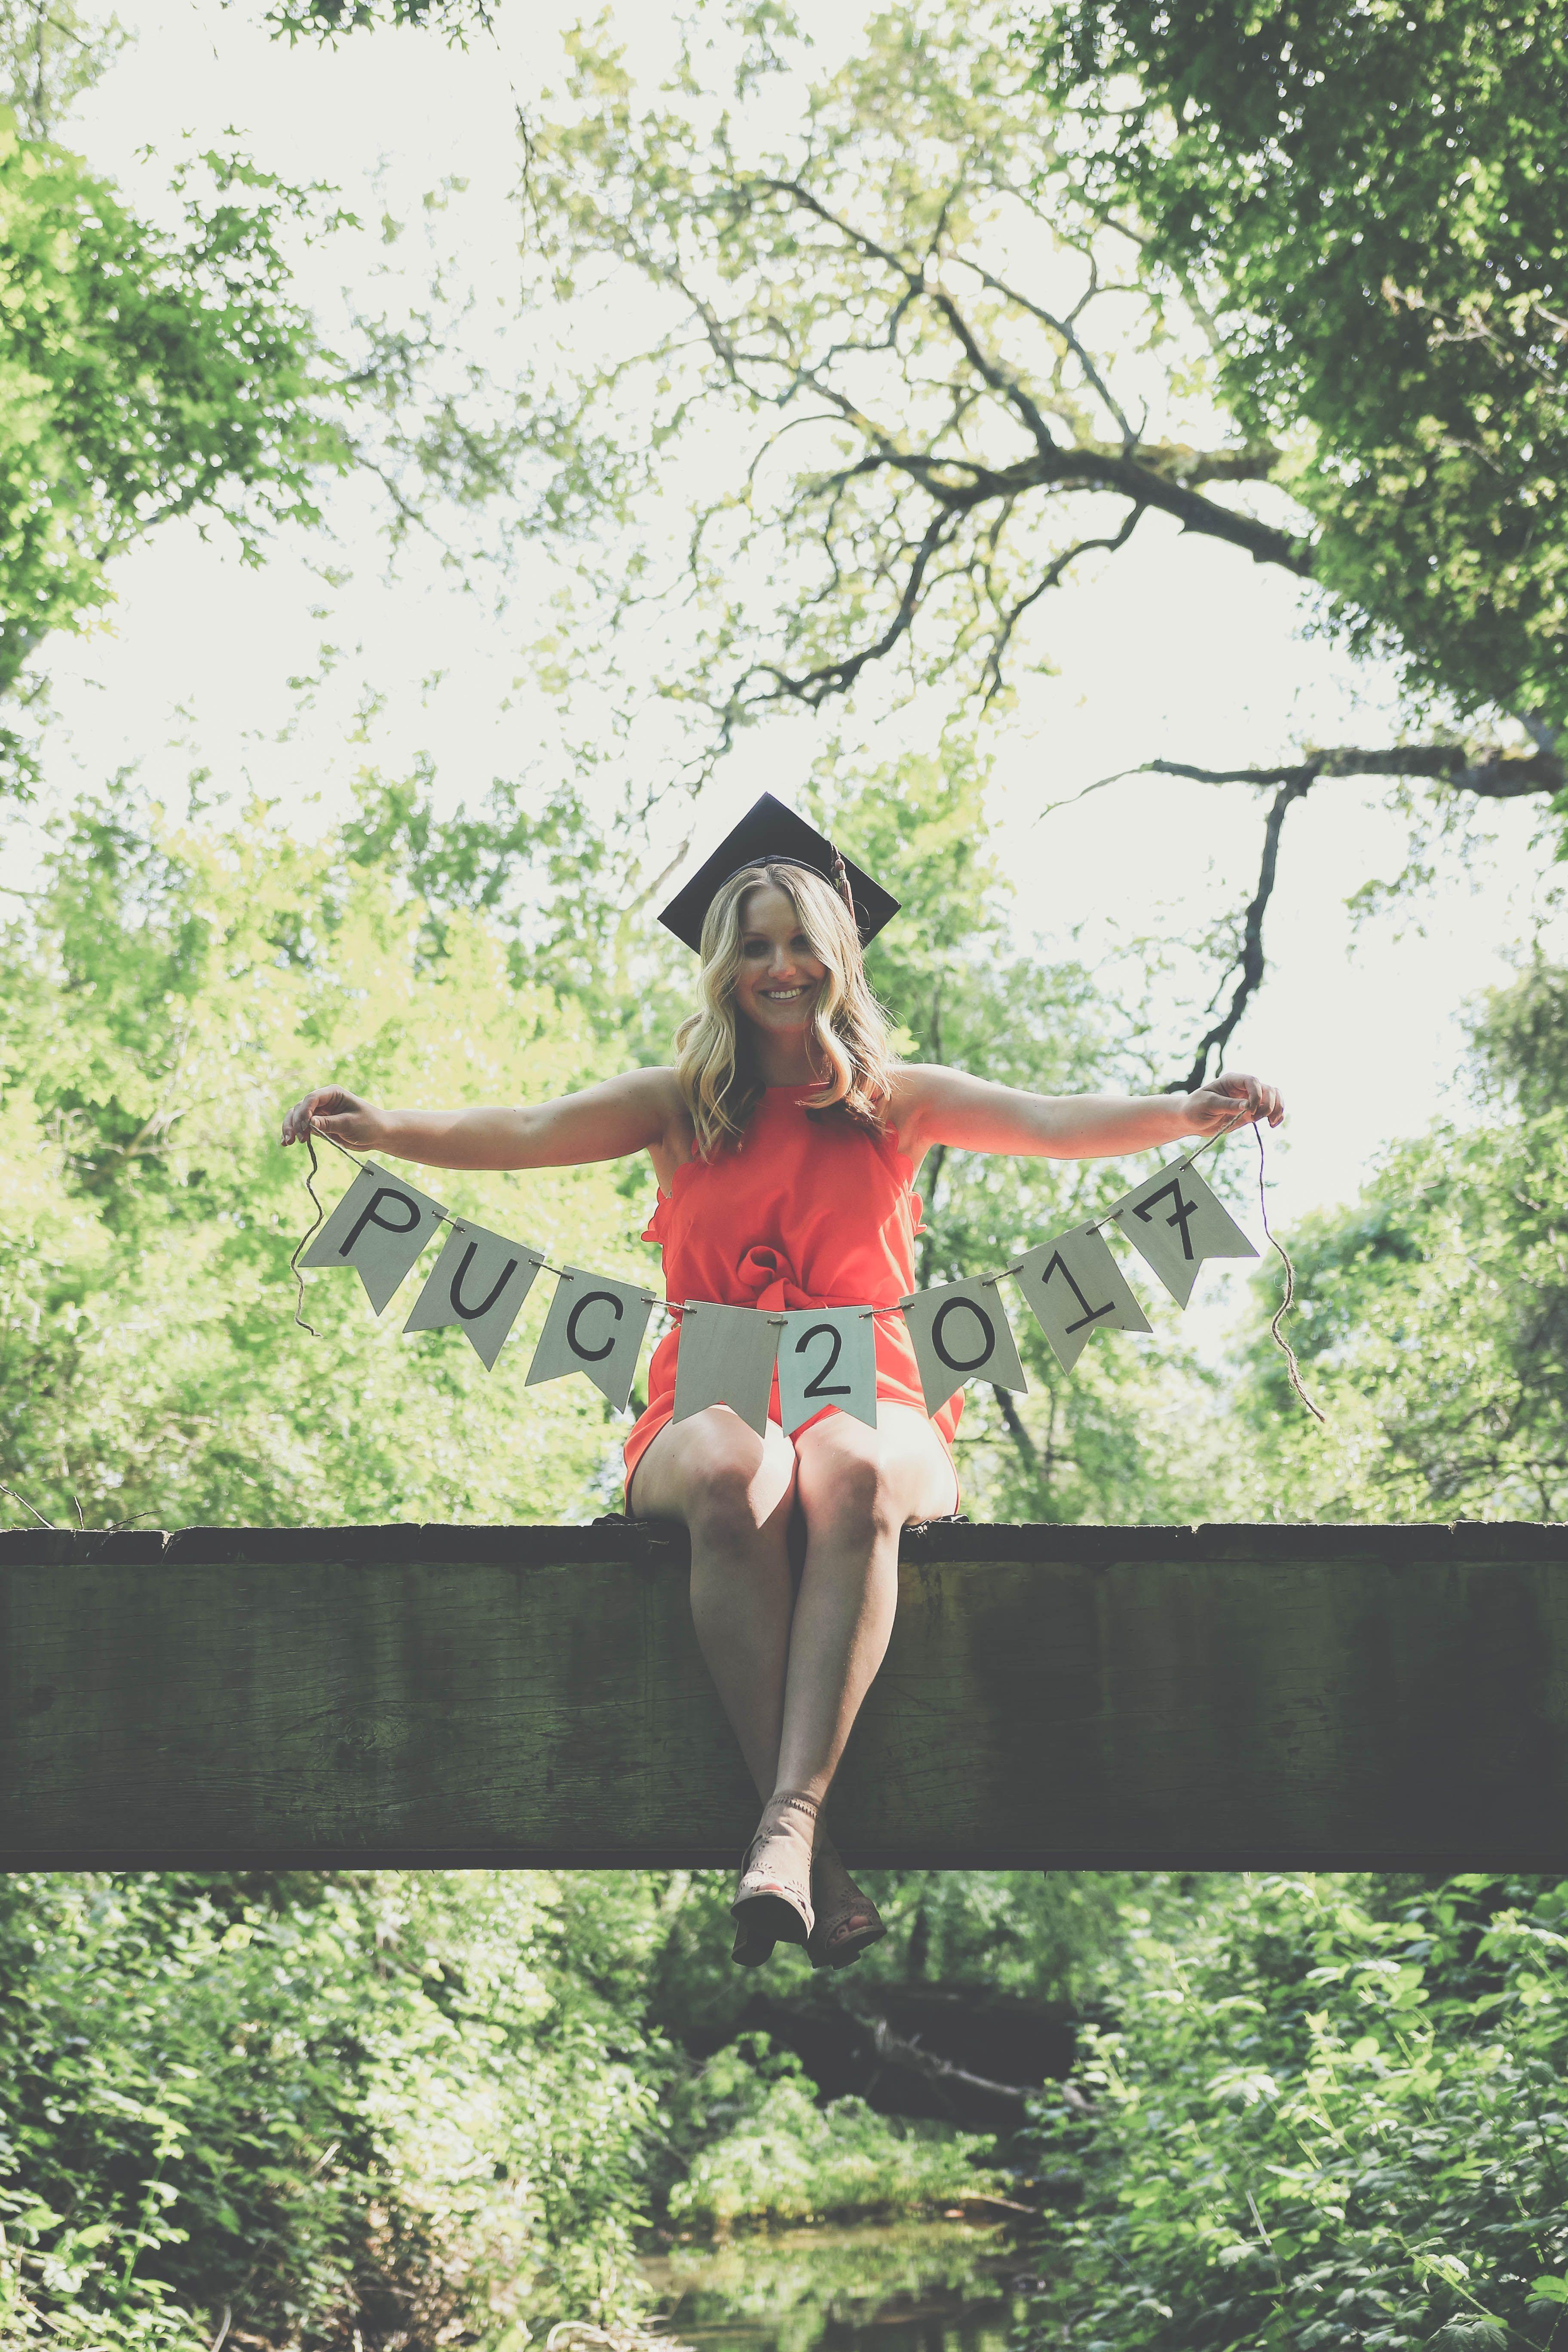 graduation, Napa valley, graduation photos, Napa, puc